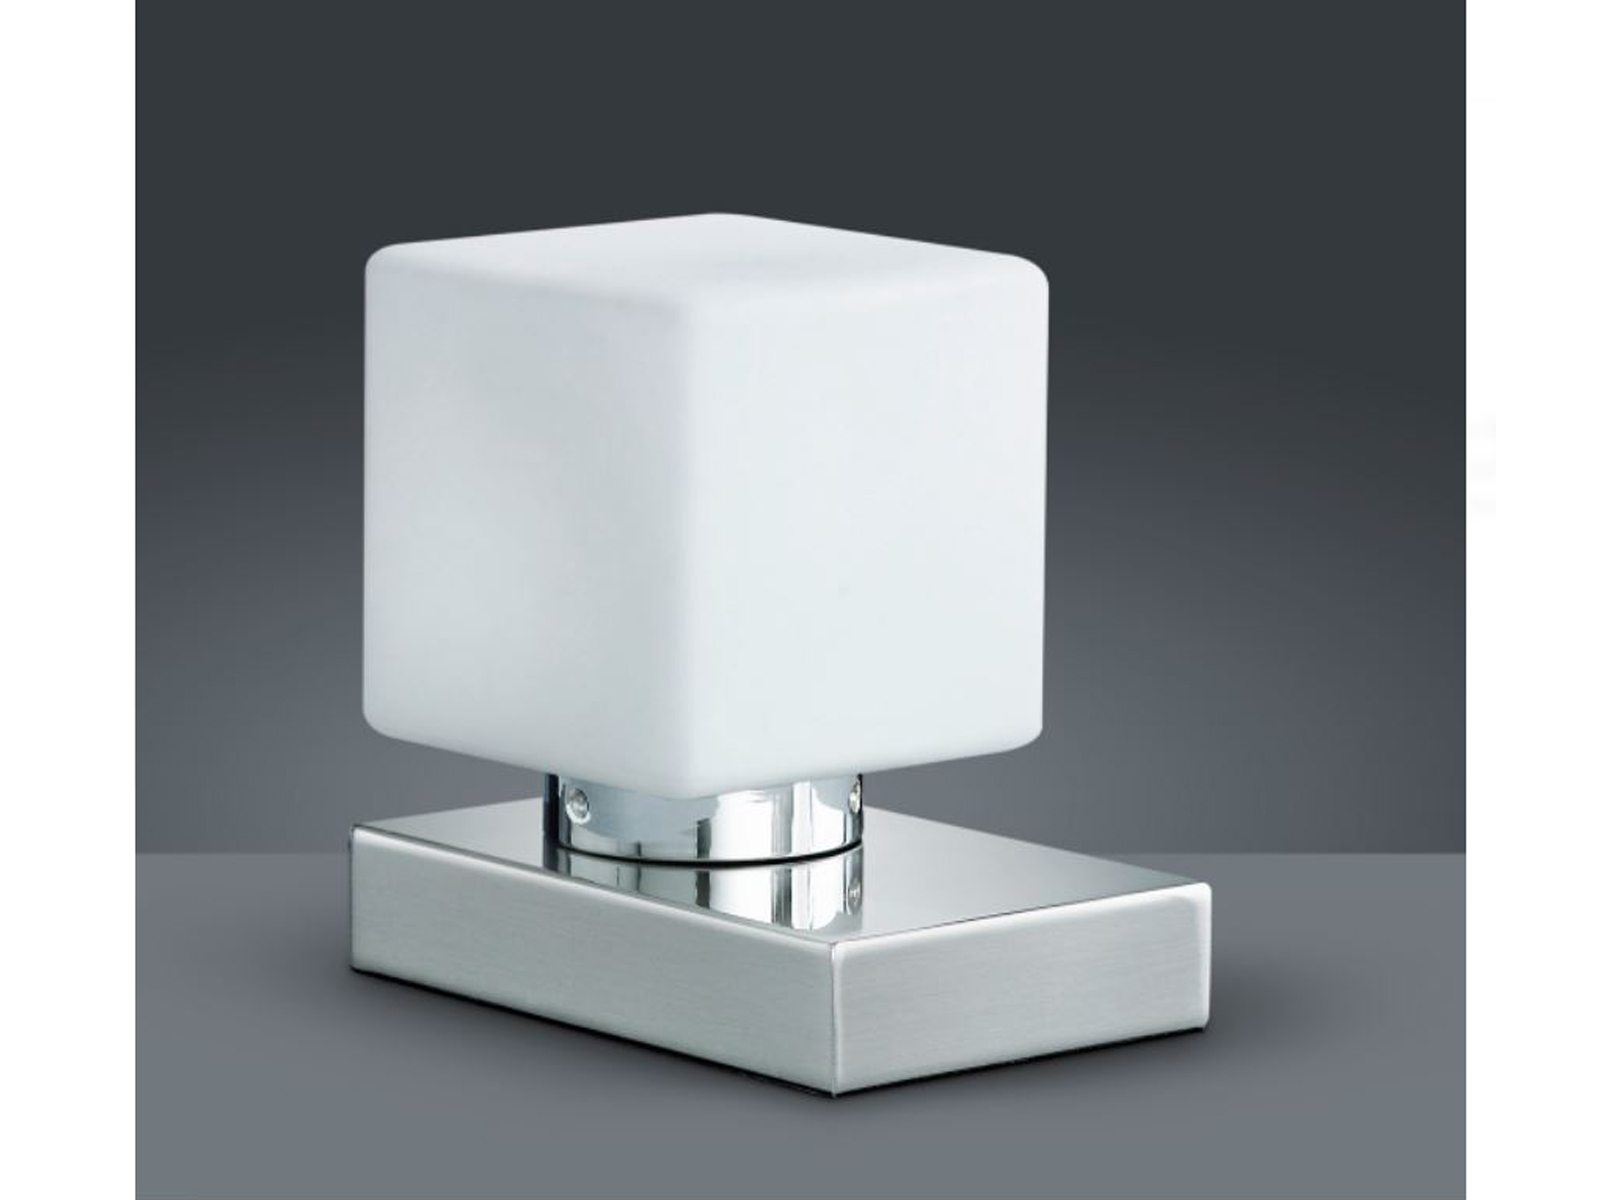 Tischlampe mit Dimmer / Touchdimmer, Glas weiß, Lampe Wohnzimmer Nachttisch